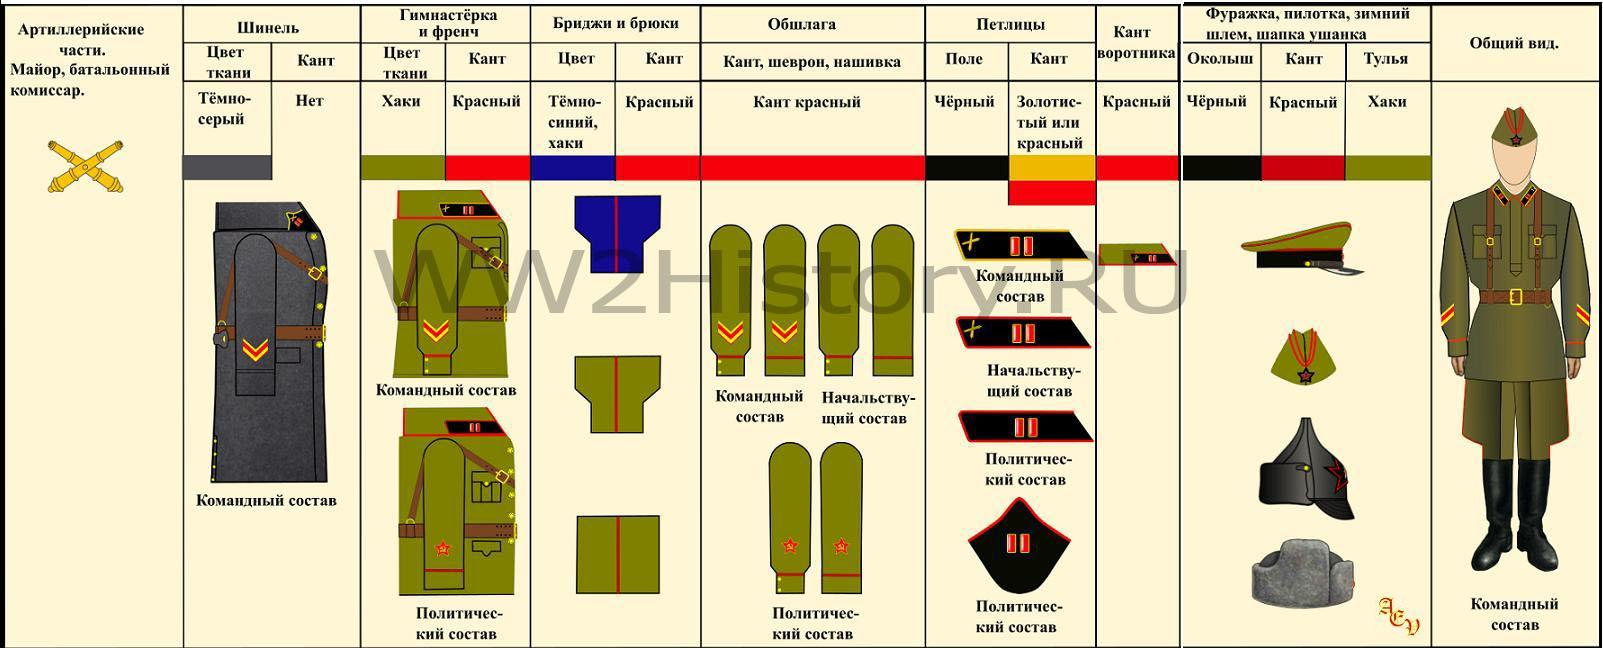 Таблица формы одежды командного, начальствующего и политического состава РККА на 22.6.1941 года 78fd2395